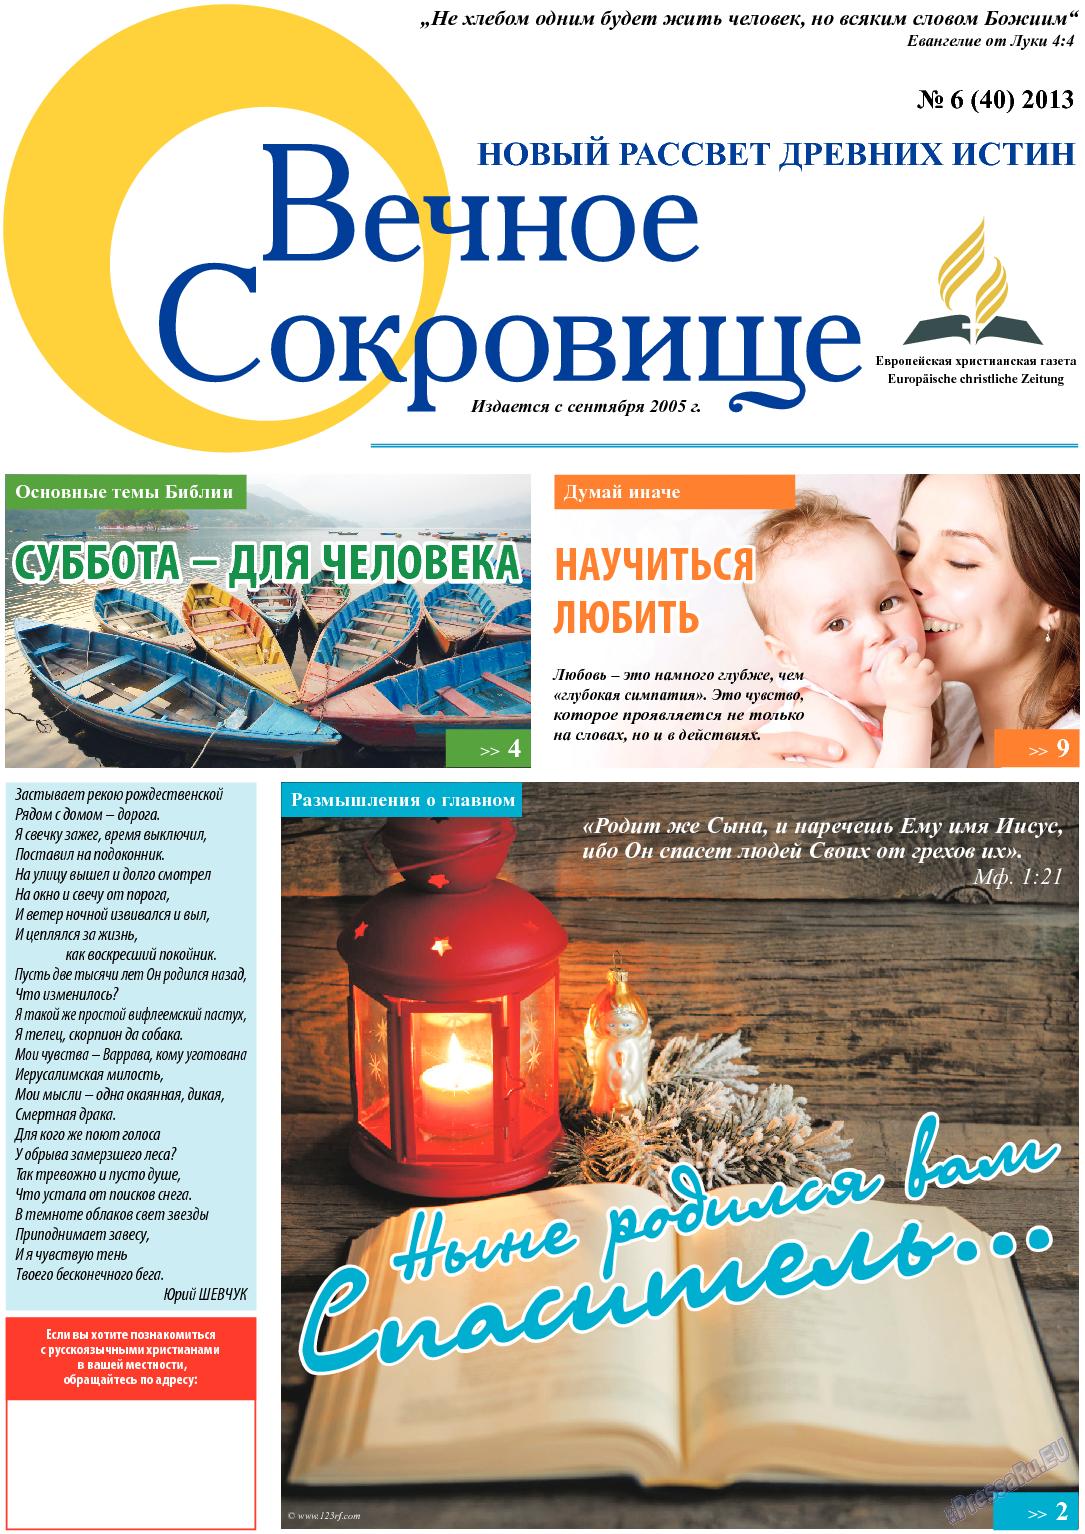 Вечное сокровище (газета). 2013 год, номер 6, стр. 1